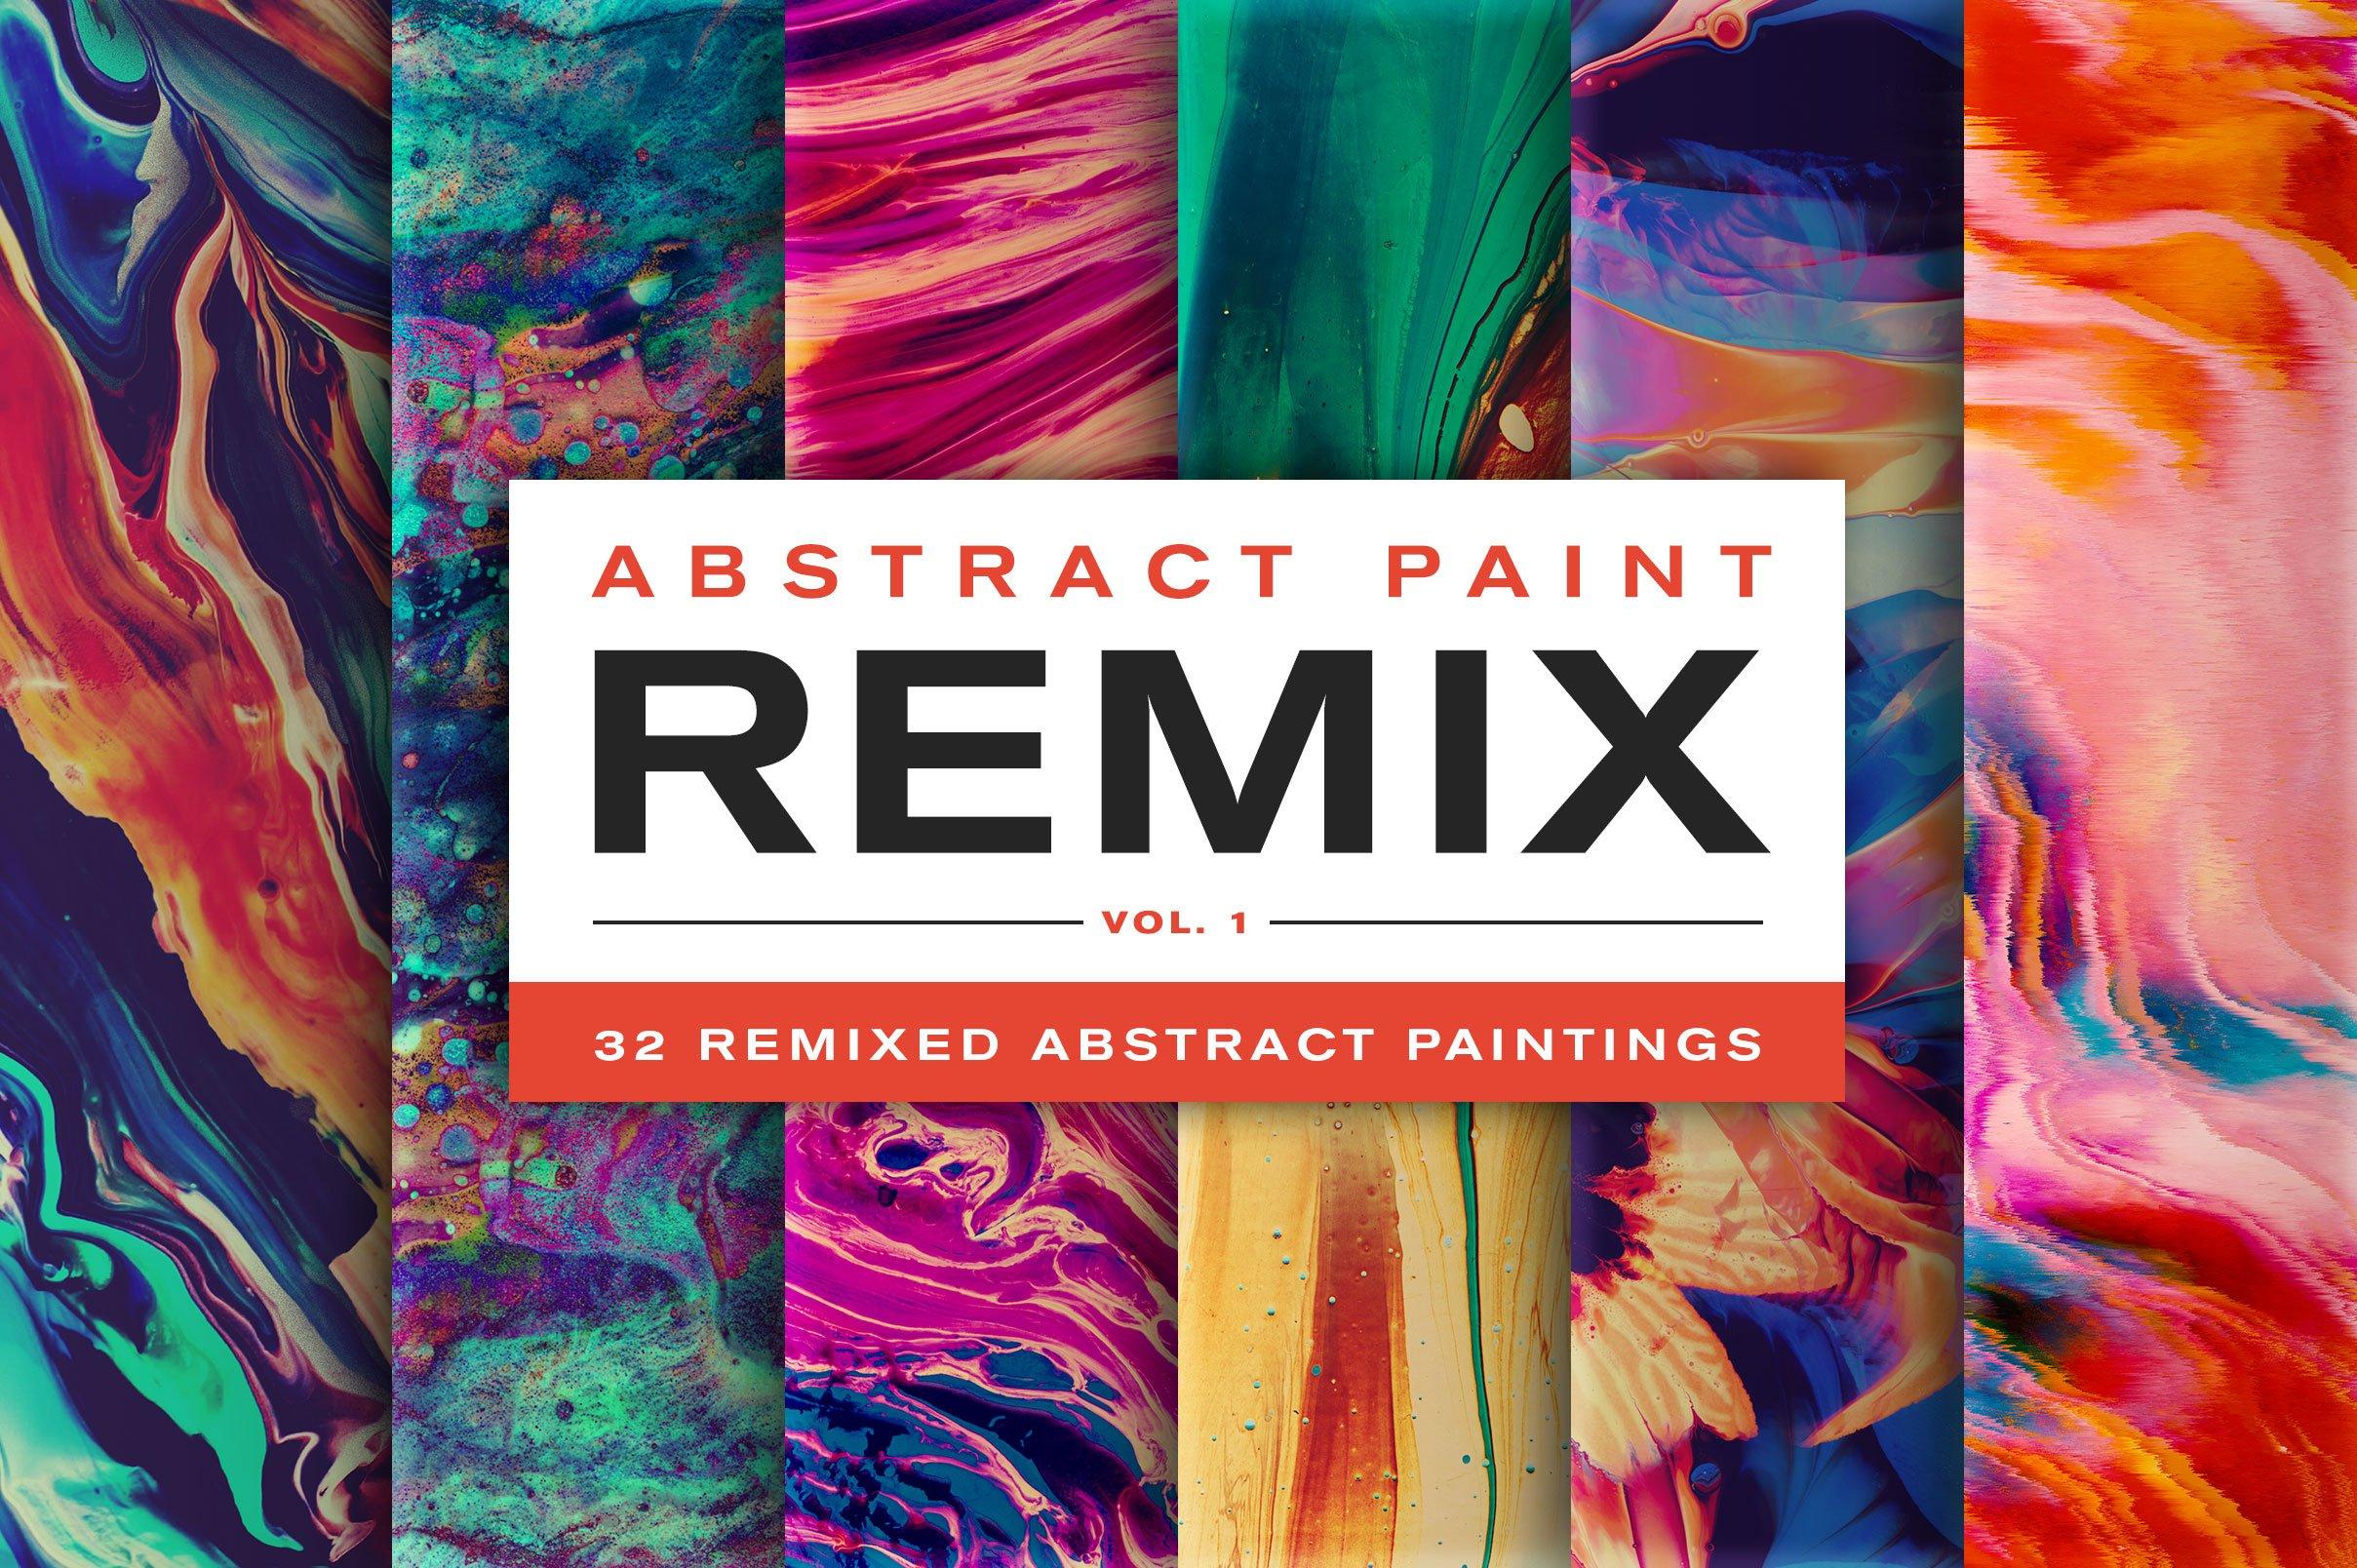 32款高清抽象丙烯酸绘画颜料背景纹理图片素材 Abstract Paint Remix Vol. 1插图